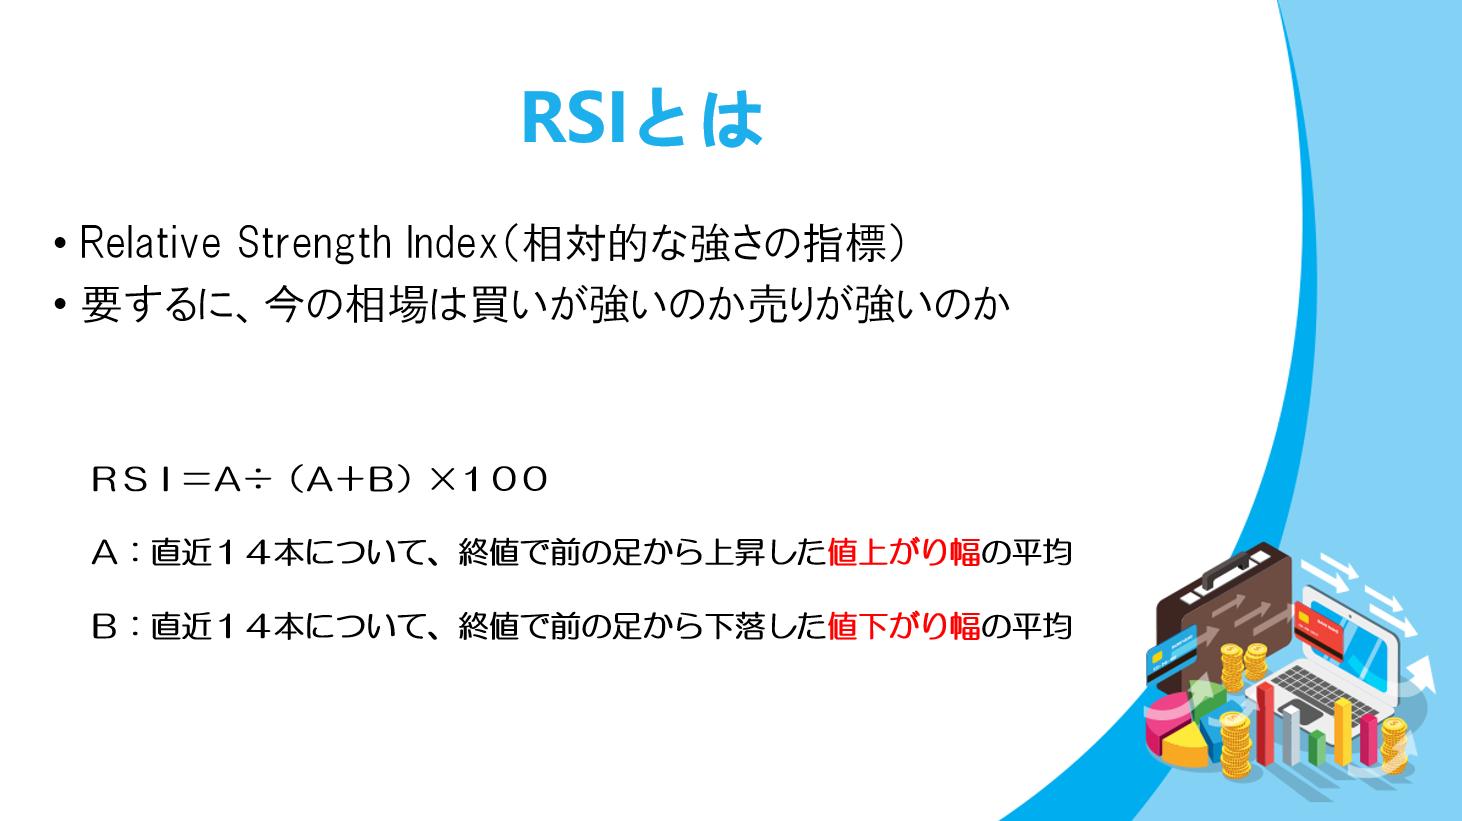 バイナリーオプション RSIだけ